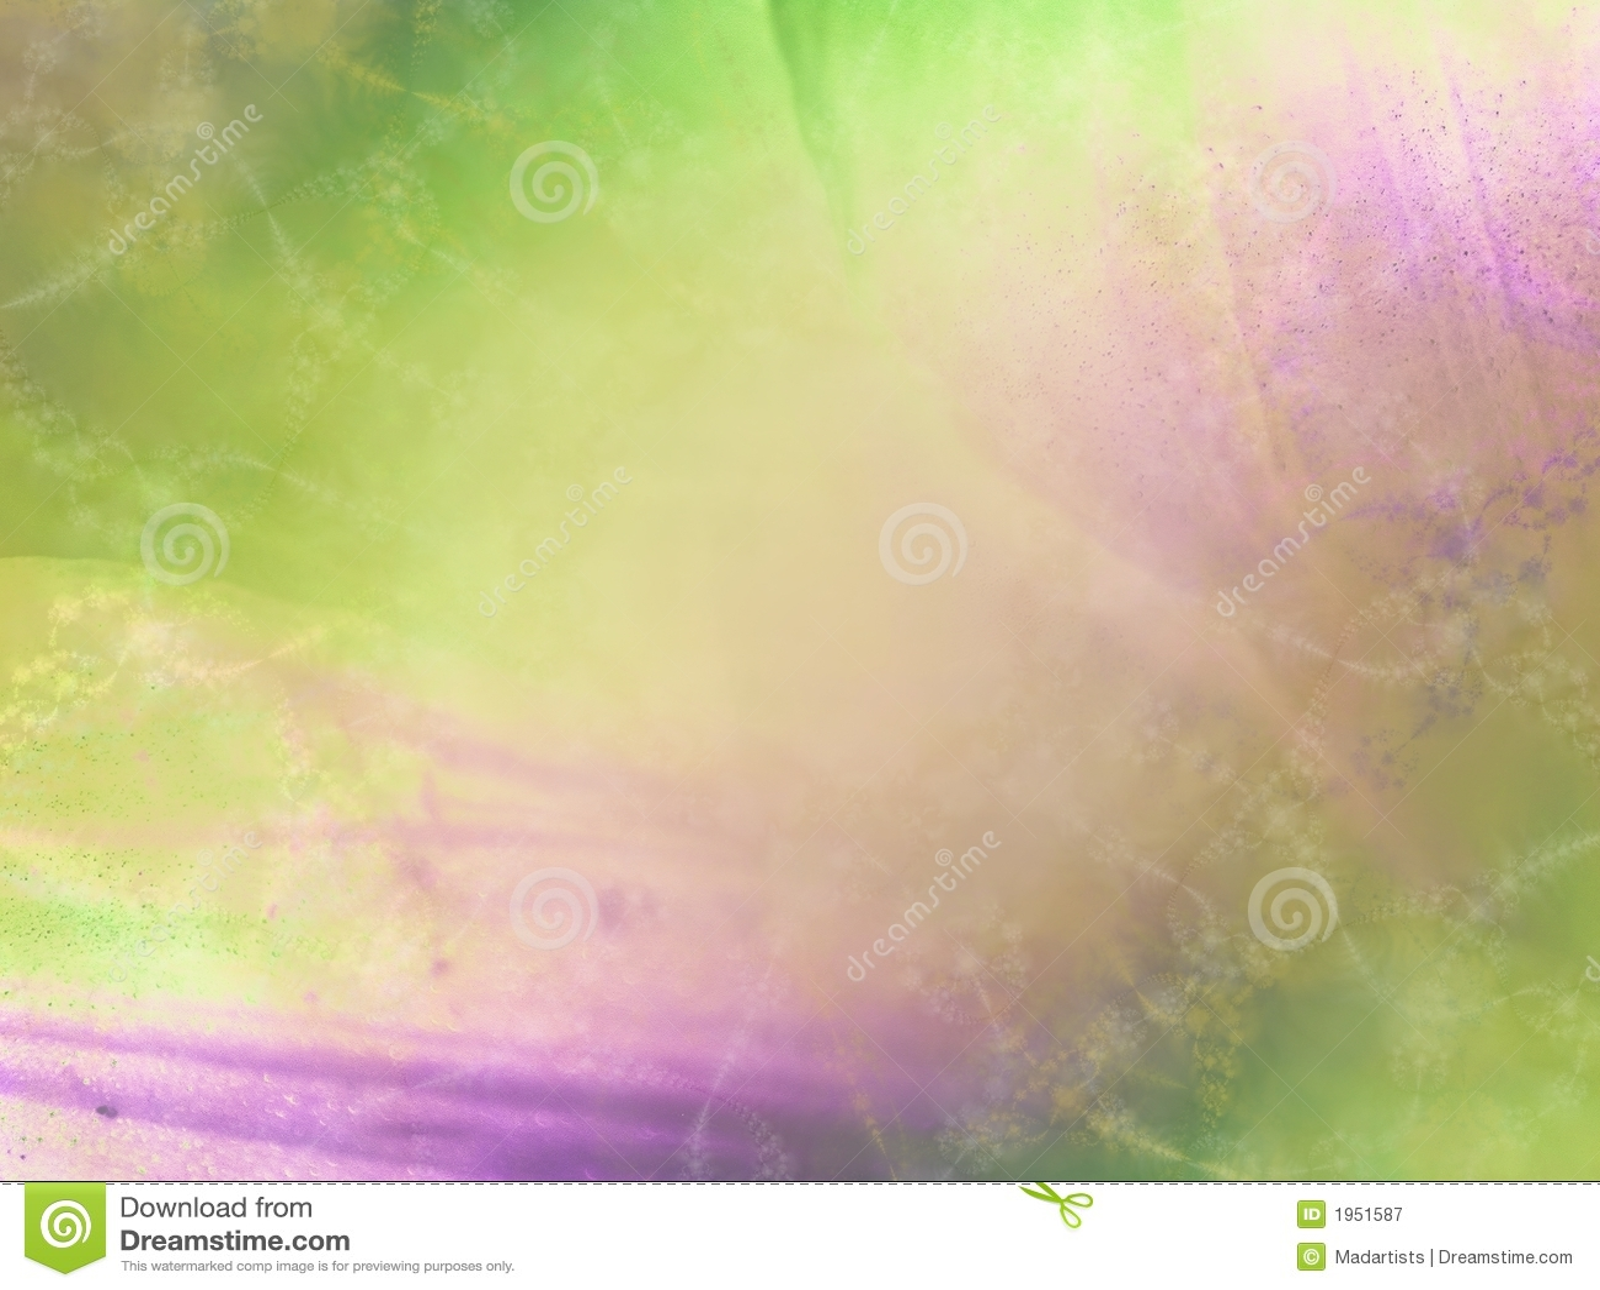 зеленая пурпуровая мягкая текстура